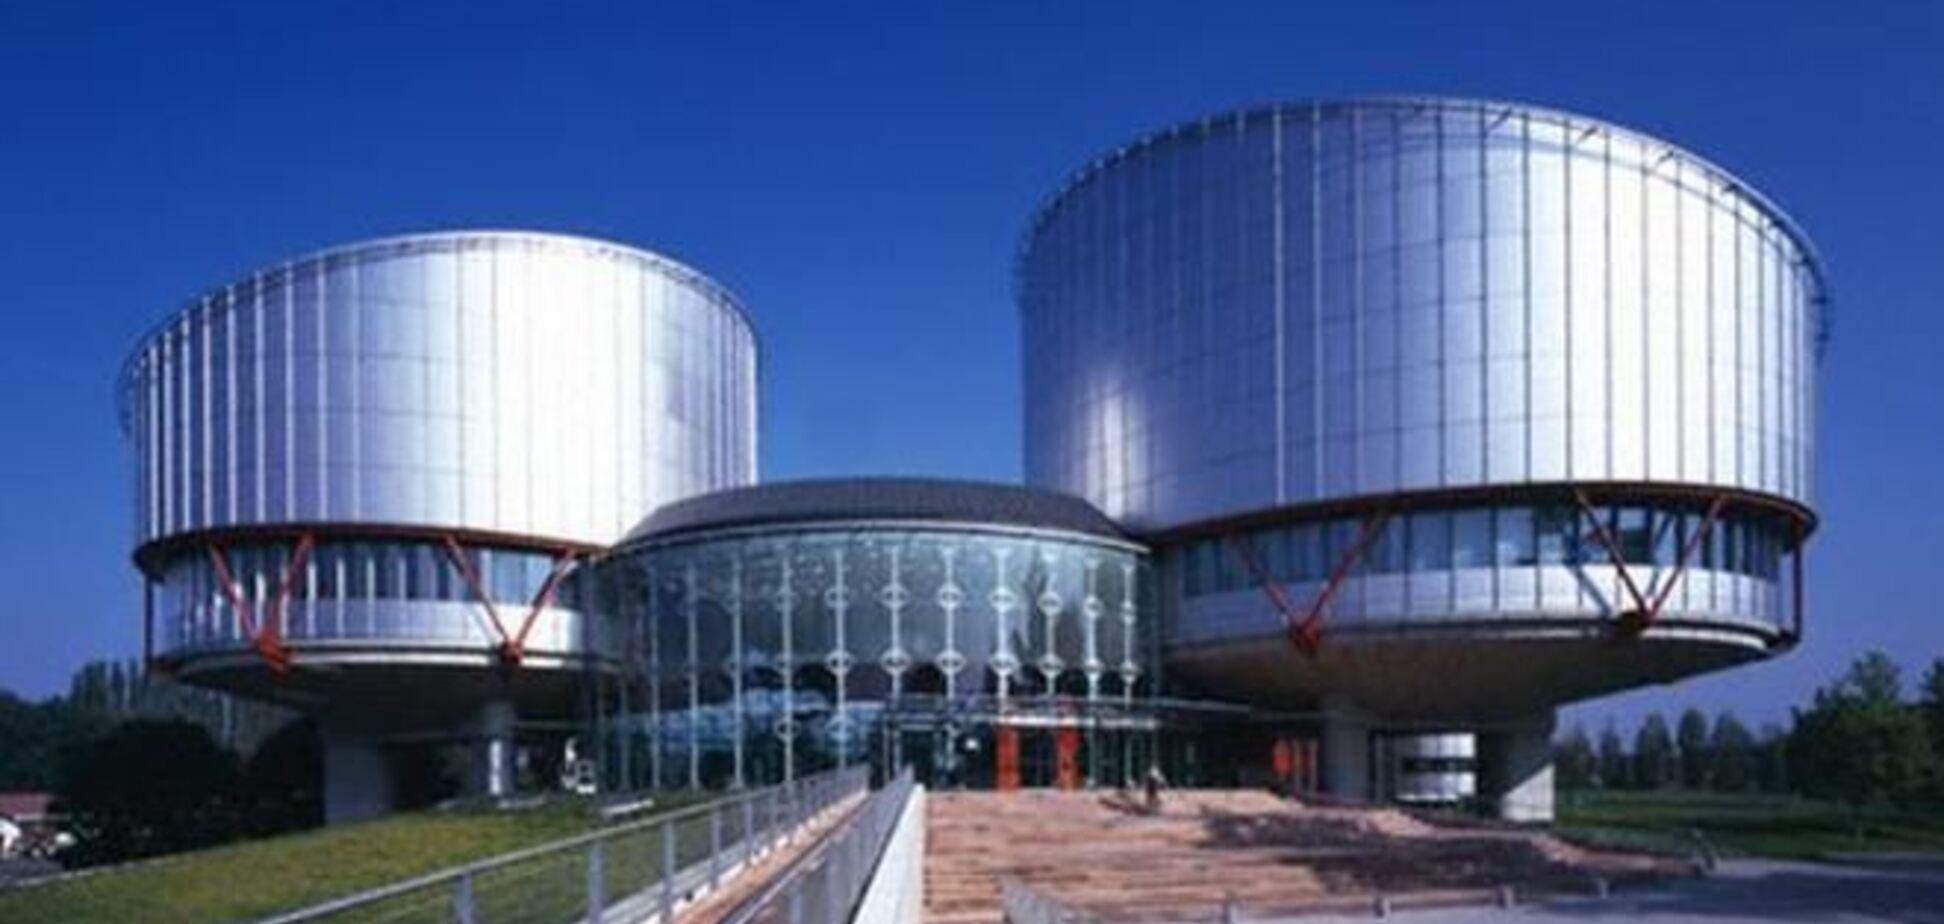 ЄСПЛ попросив українську владу прокоментувати скаргу евромайдановца